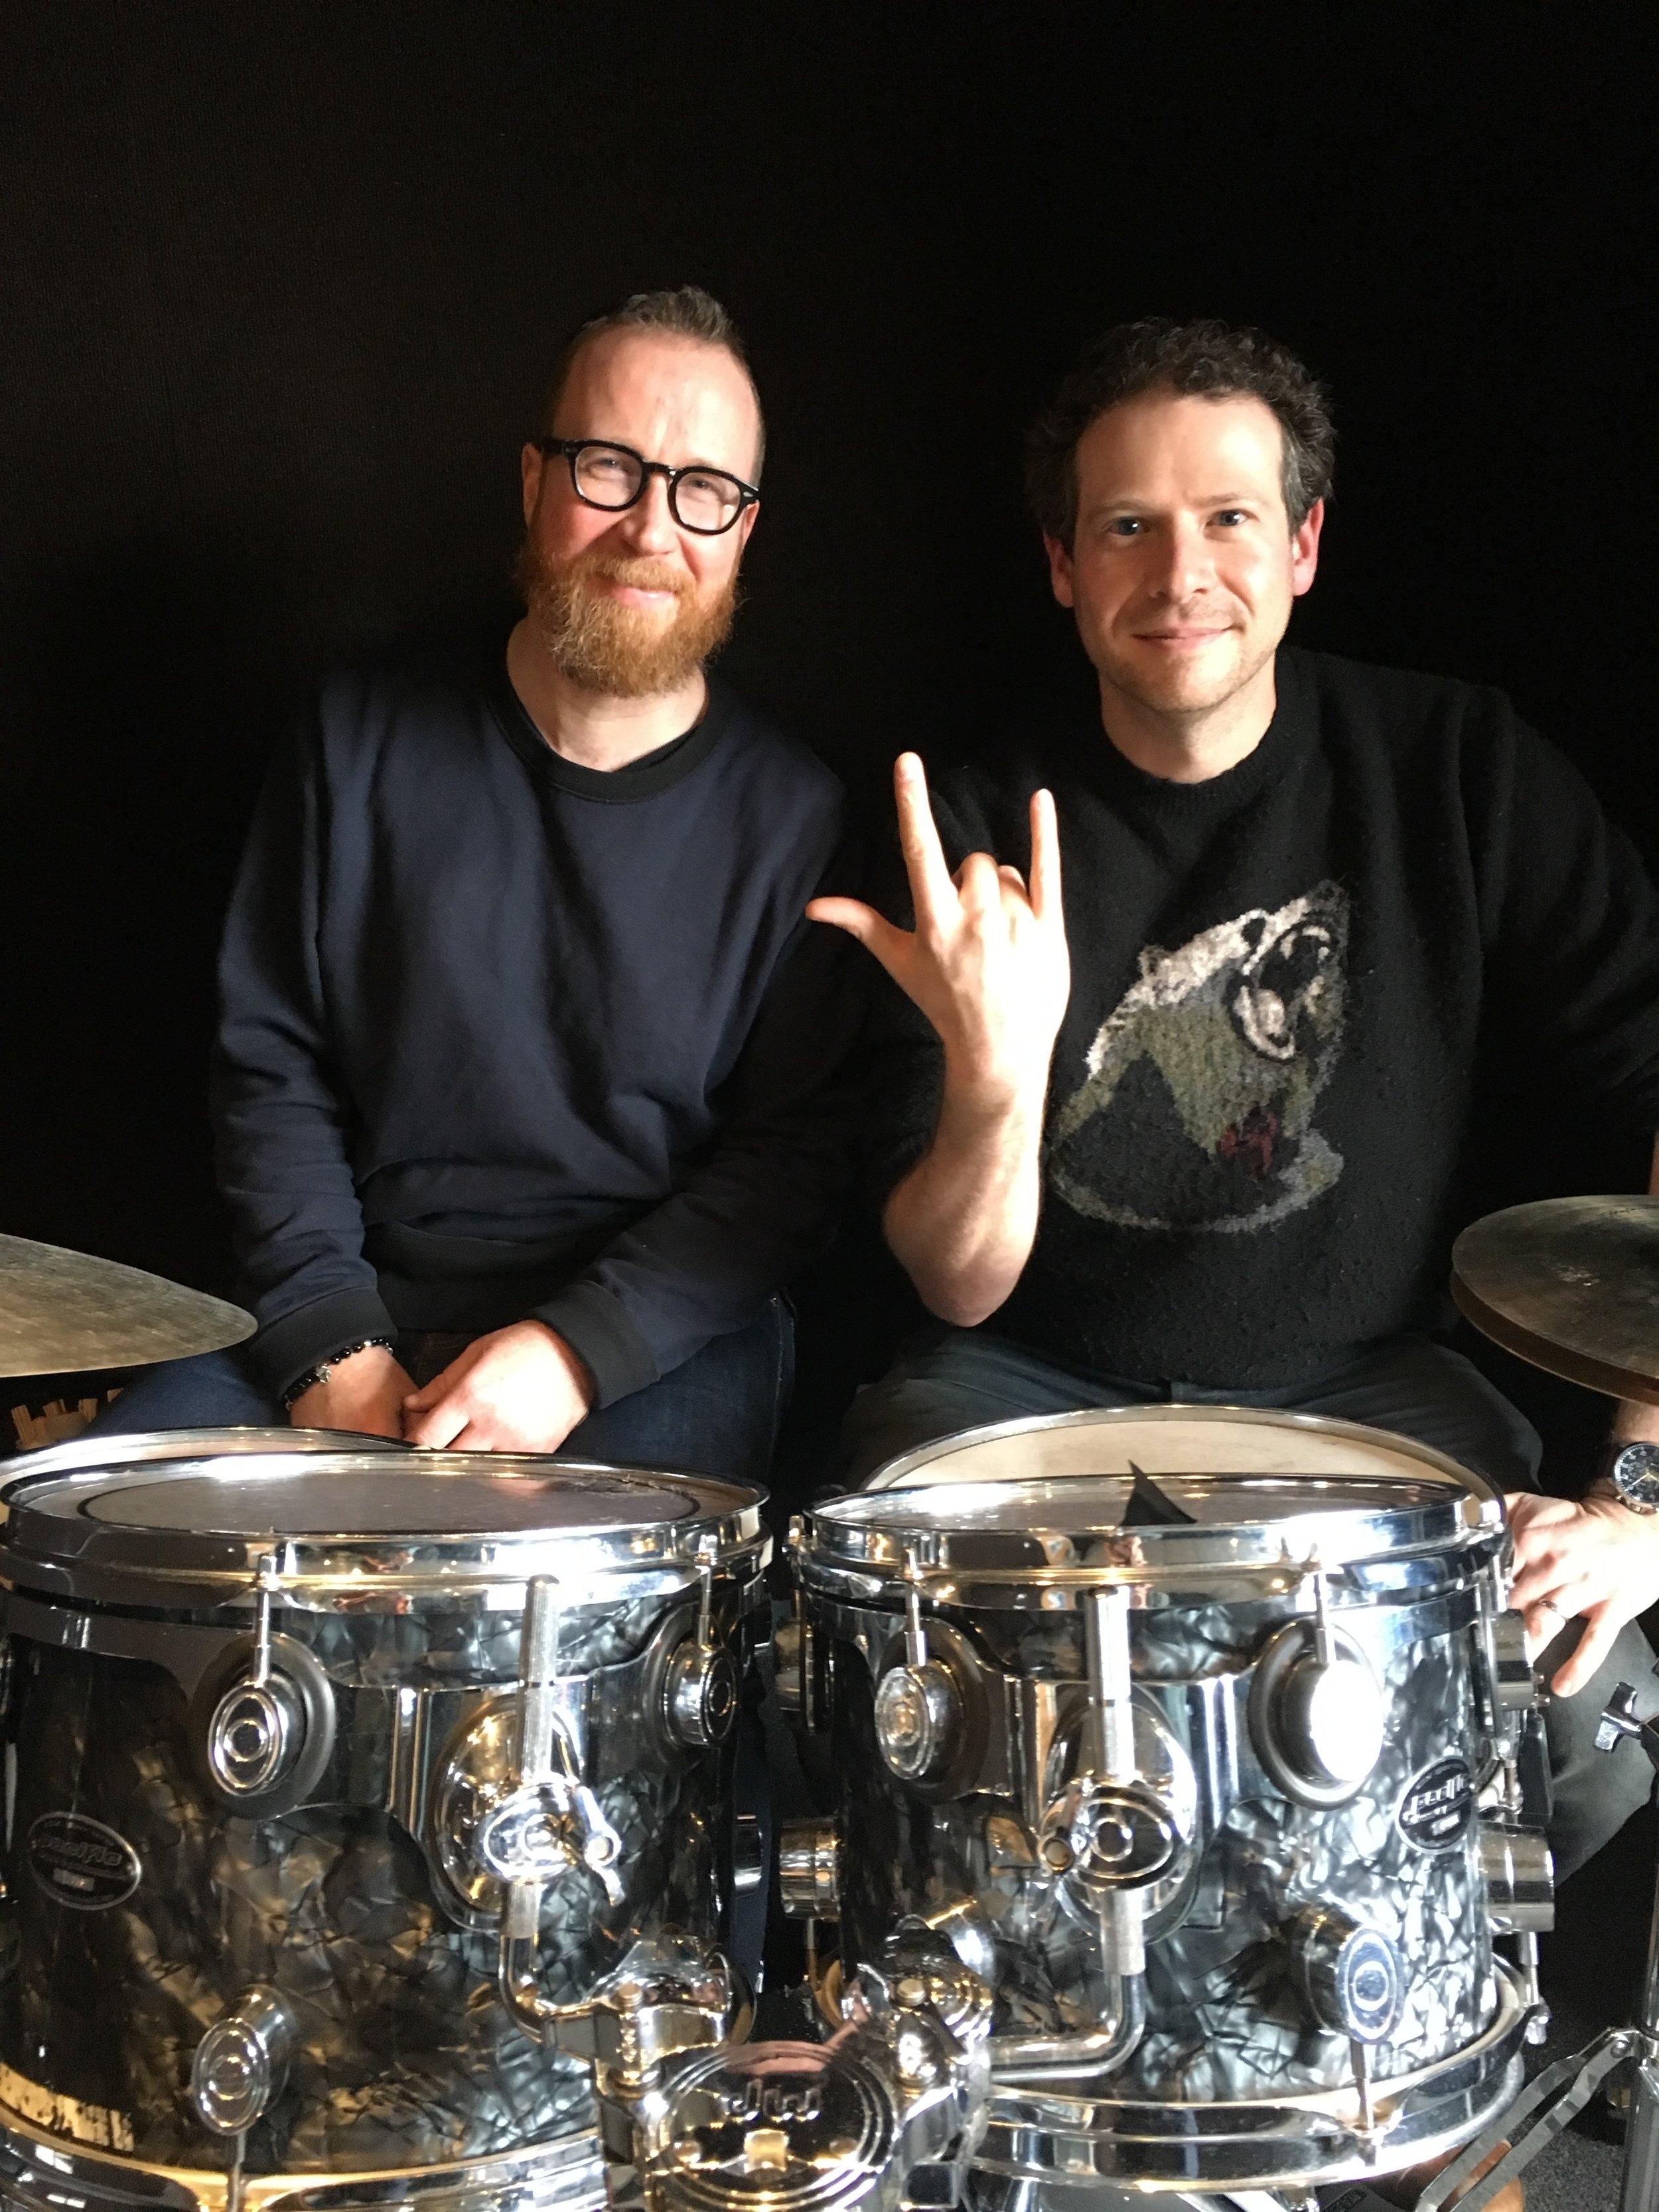 Tom Meadows and Olly Mann